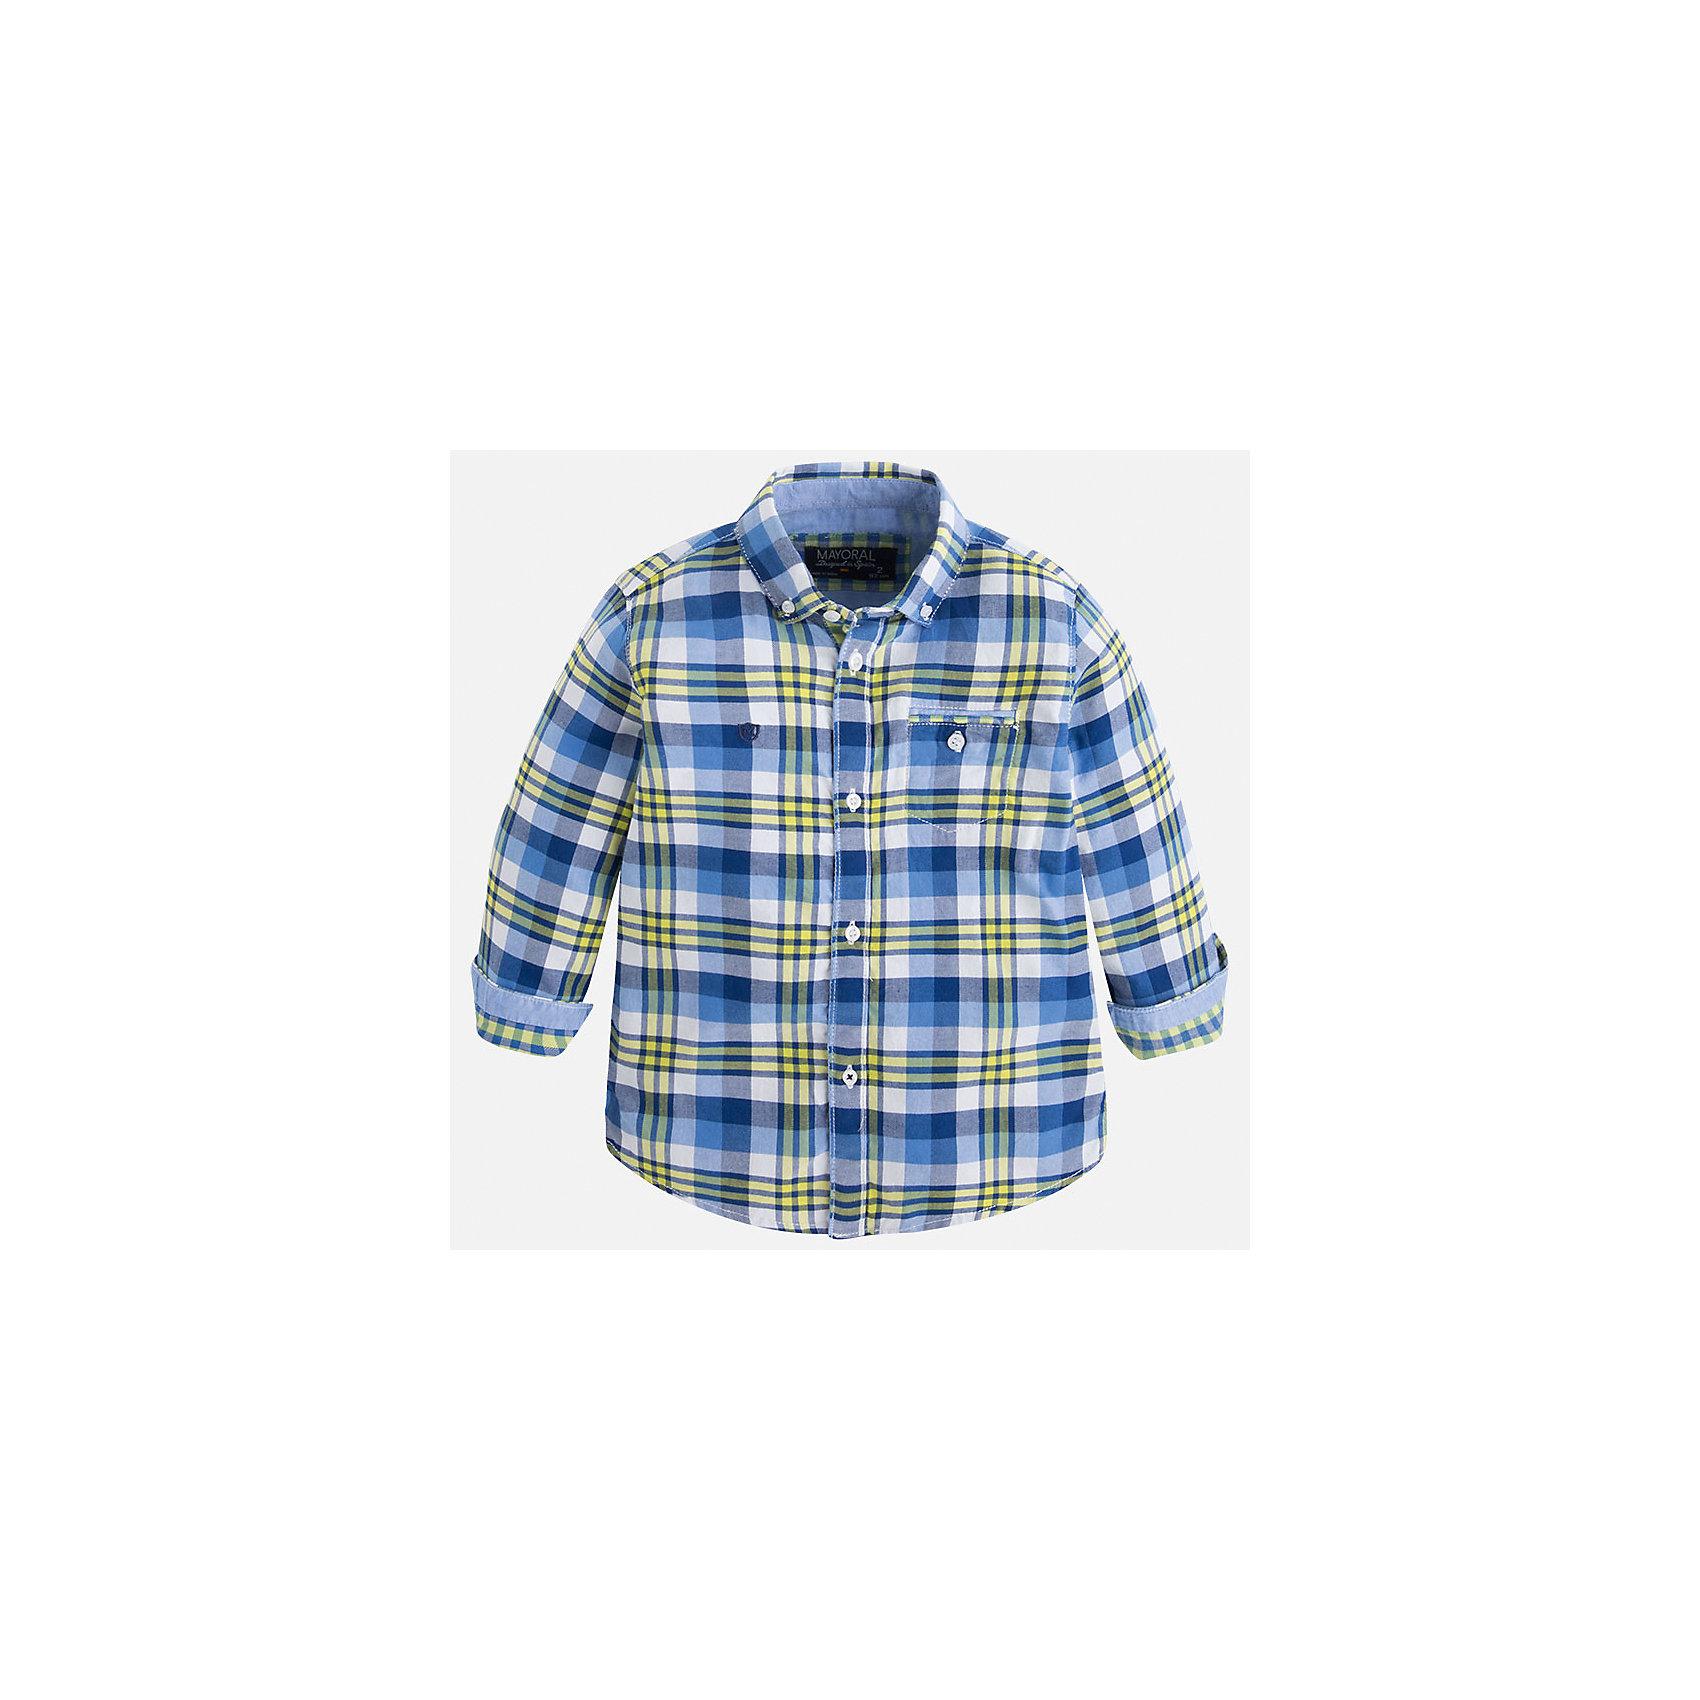 Рубашка для мальчика MayoralБлузки и рубашки<br>Рубашка для мальчика Mayoral (Майорал) – это стильная, модная и практичная модель.<br>Рубашка в клетку с длинными рукавами от известной испанской марки Mayoral (Майорал) выполненная из натурального хлопка, станет прекрасным дополнением гардероба вашего мальчика. Рубашка застегивается на пуговицы, на груди имеется кармашек на пуговице, декорирована небольшой монограммой на груди и голубой бейкой на манжетах. Уголки воротника пристегиваются на пуговицы к ткани рубашки. Рубашка для повседневной носки будет отлично сочетаться с джинсами. Комфортный крой гарантирует свободу движений.<br><br>Дополнительная информация:<br><br>- Цвет: синий, голубой, белый, желтый<br>- Состав: 100% хлопок<br>- Уход: бережная стирка при 30 градусах<br><br>Рубашку для мальчика Mayoral (Майорал) можно купить в нашем интернет-магазине.<br><br>Ширина мм: 174<br>Глубина мм: 10<br>Высота мм: 169<br>Вес г: 157<br>Цвет: желтый<br>Возраст от месяцев: 108<br>Возраст до месяцев: 120<br>Пол: Мужской<br>Возраст: Детский<br>Размер: 134,128,116,110,98,104,122<br>SKU: 4821126